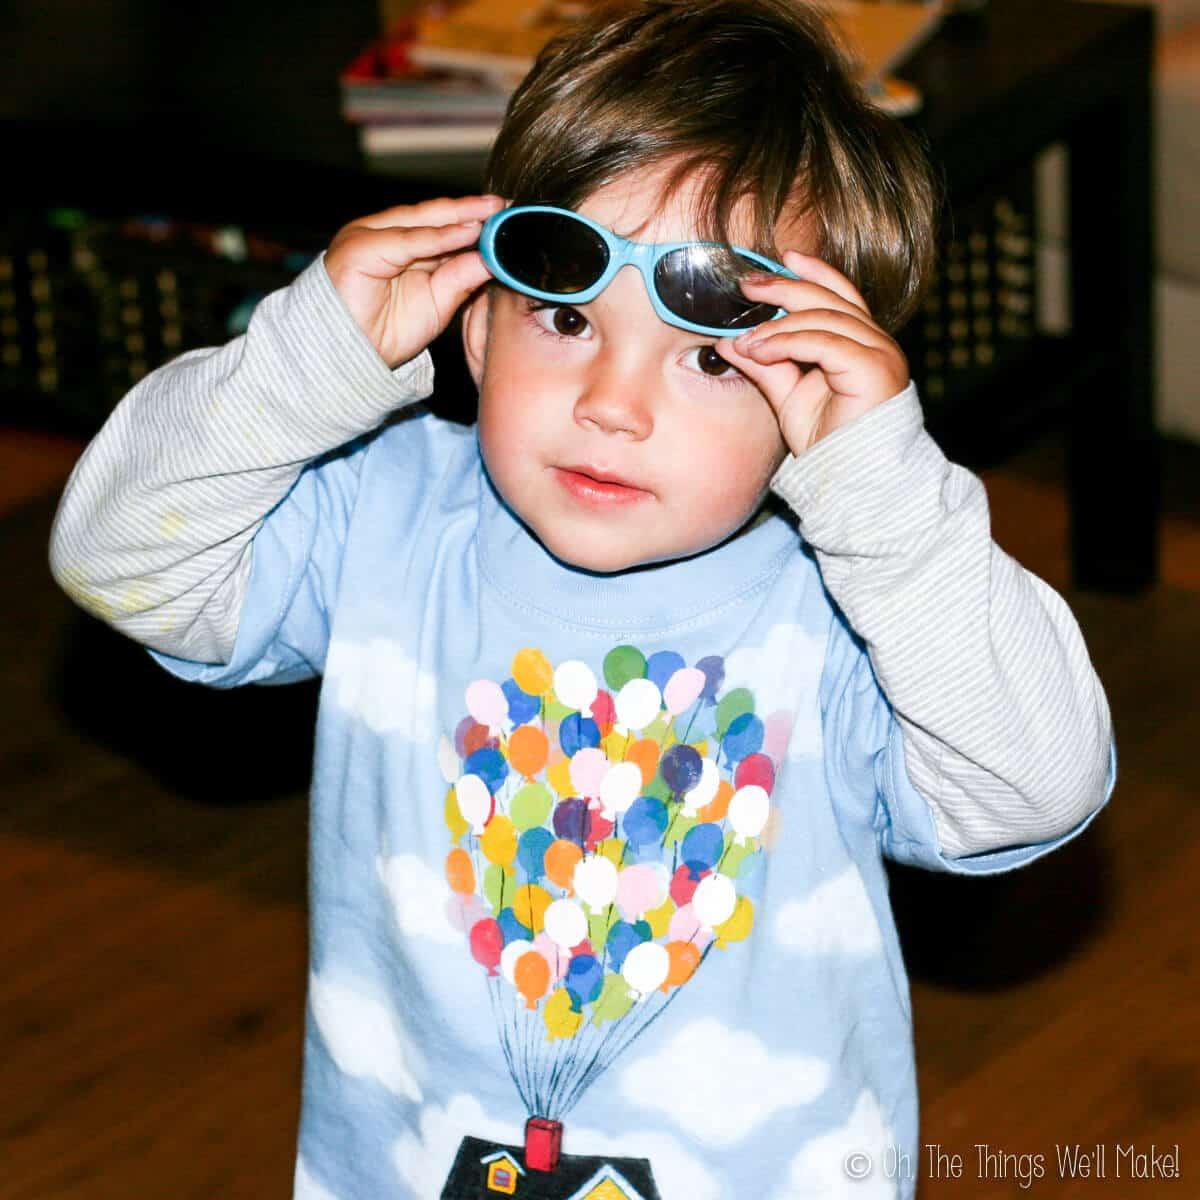 boy wearing homemade Up balloons shirt